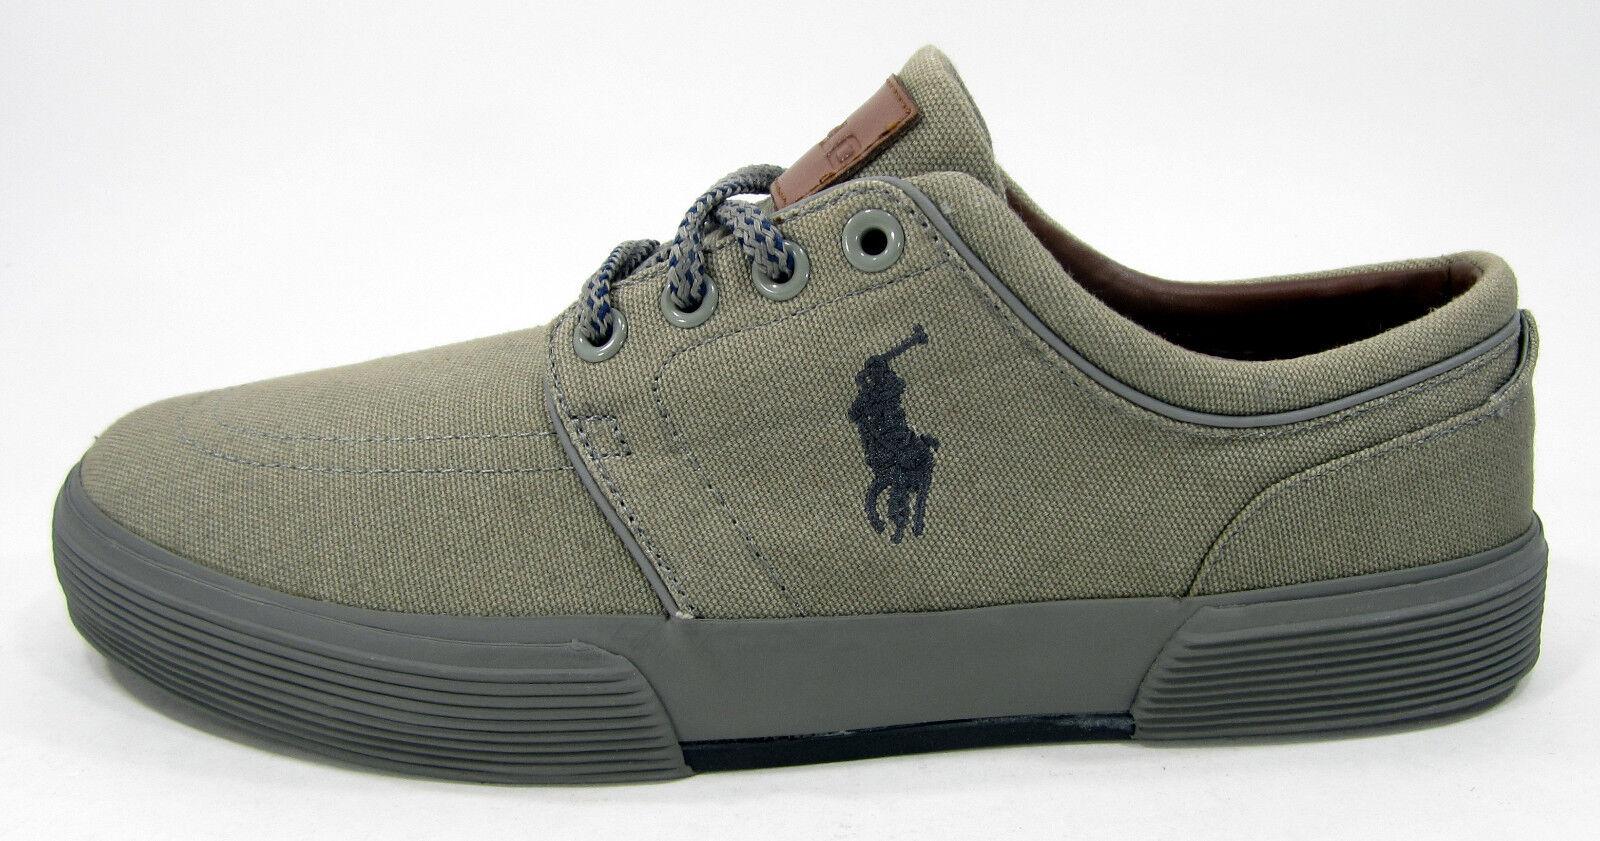 Polo ralph grey lauren scarpe faxon basso tela grey ralph scarpe taglia 9 e514f2